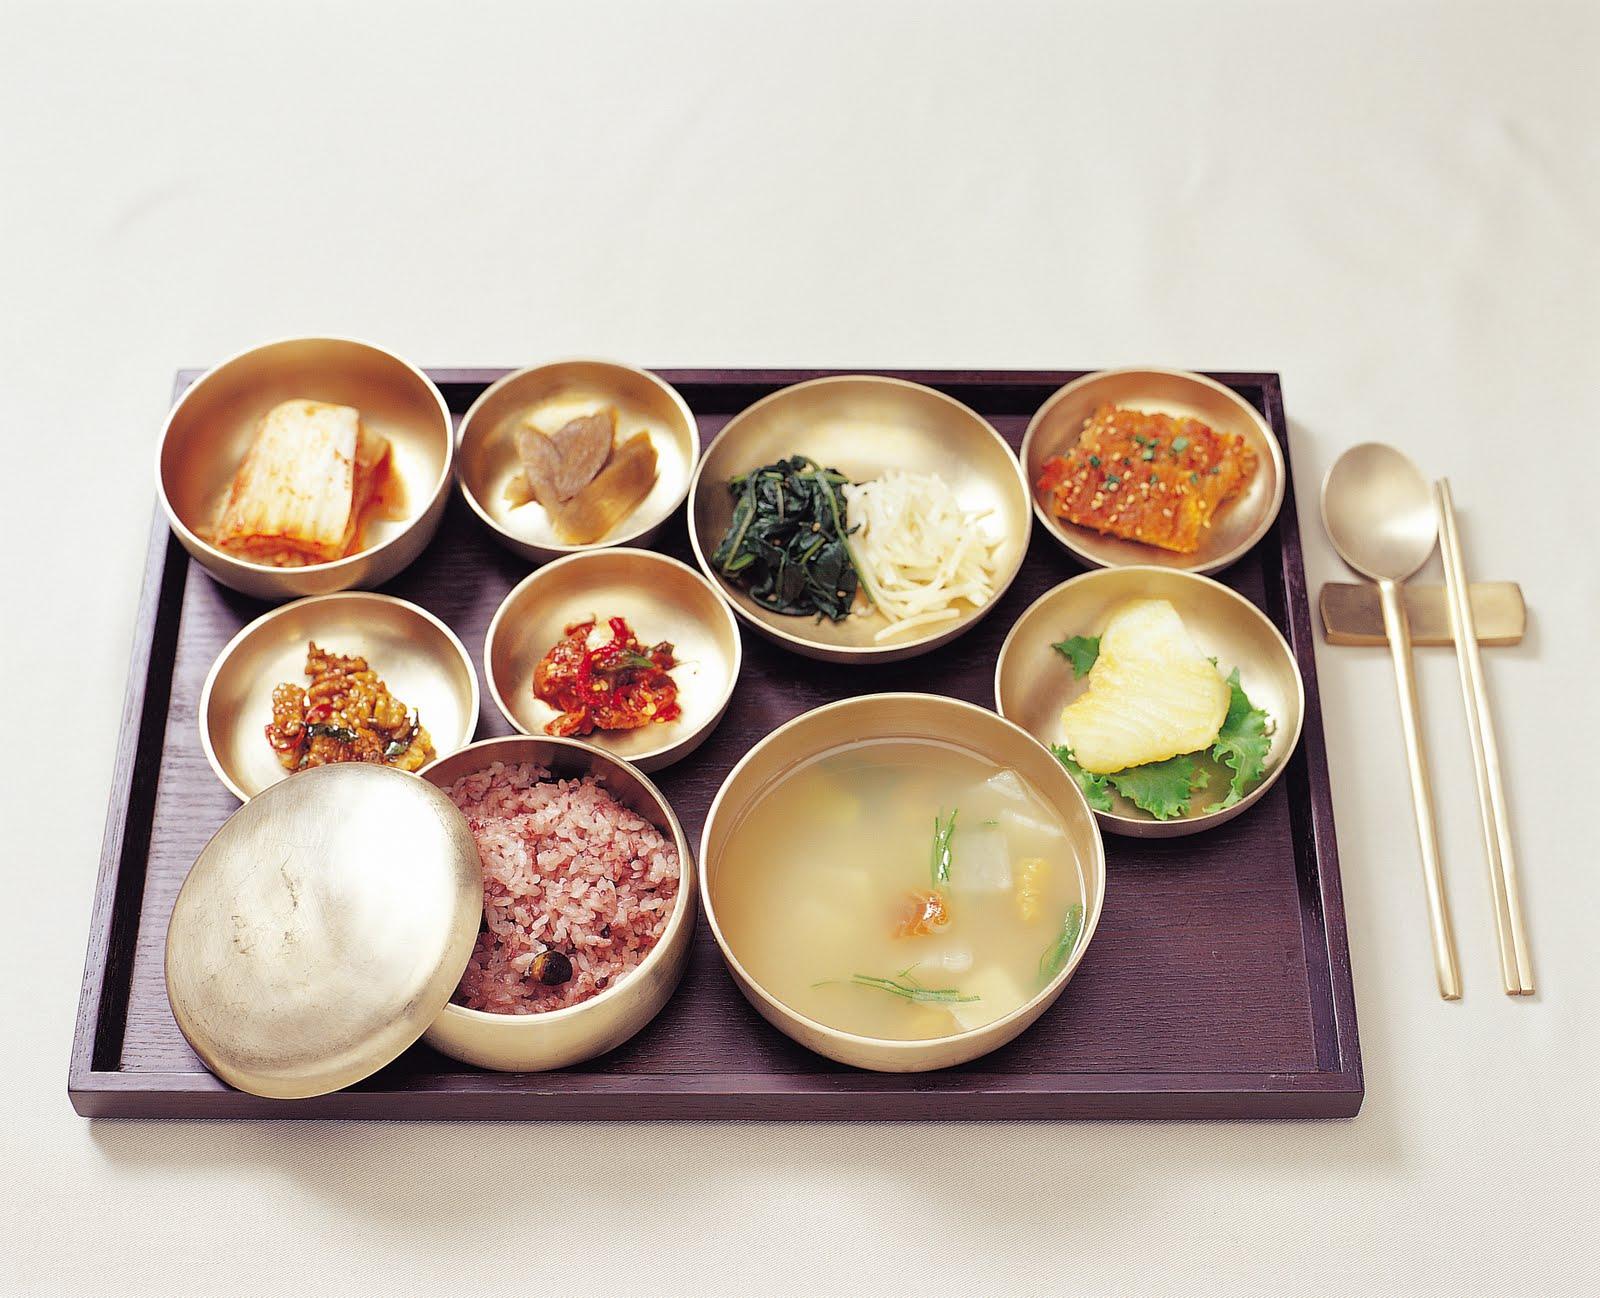 Korean Table Korean Table Manner